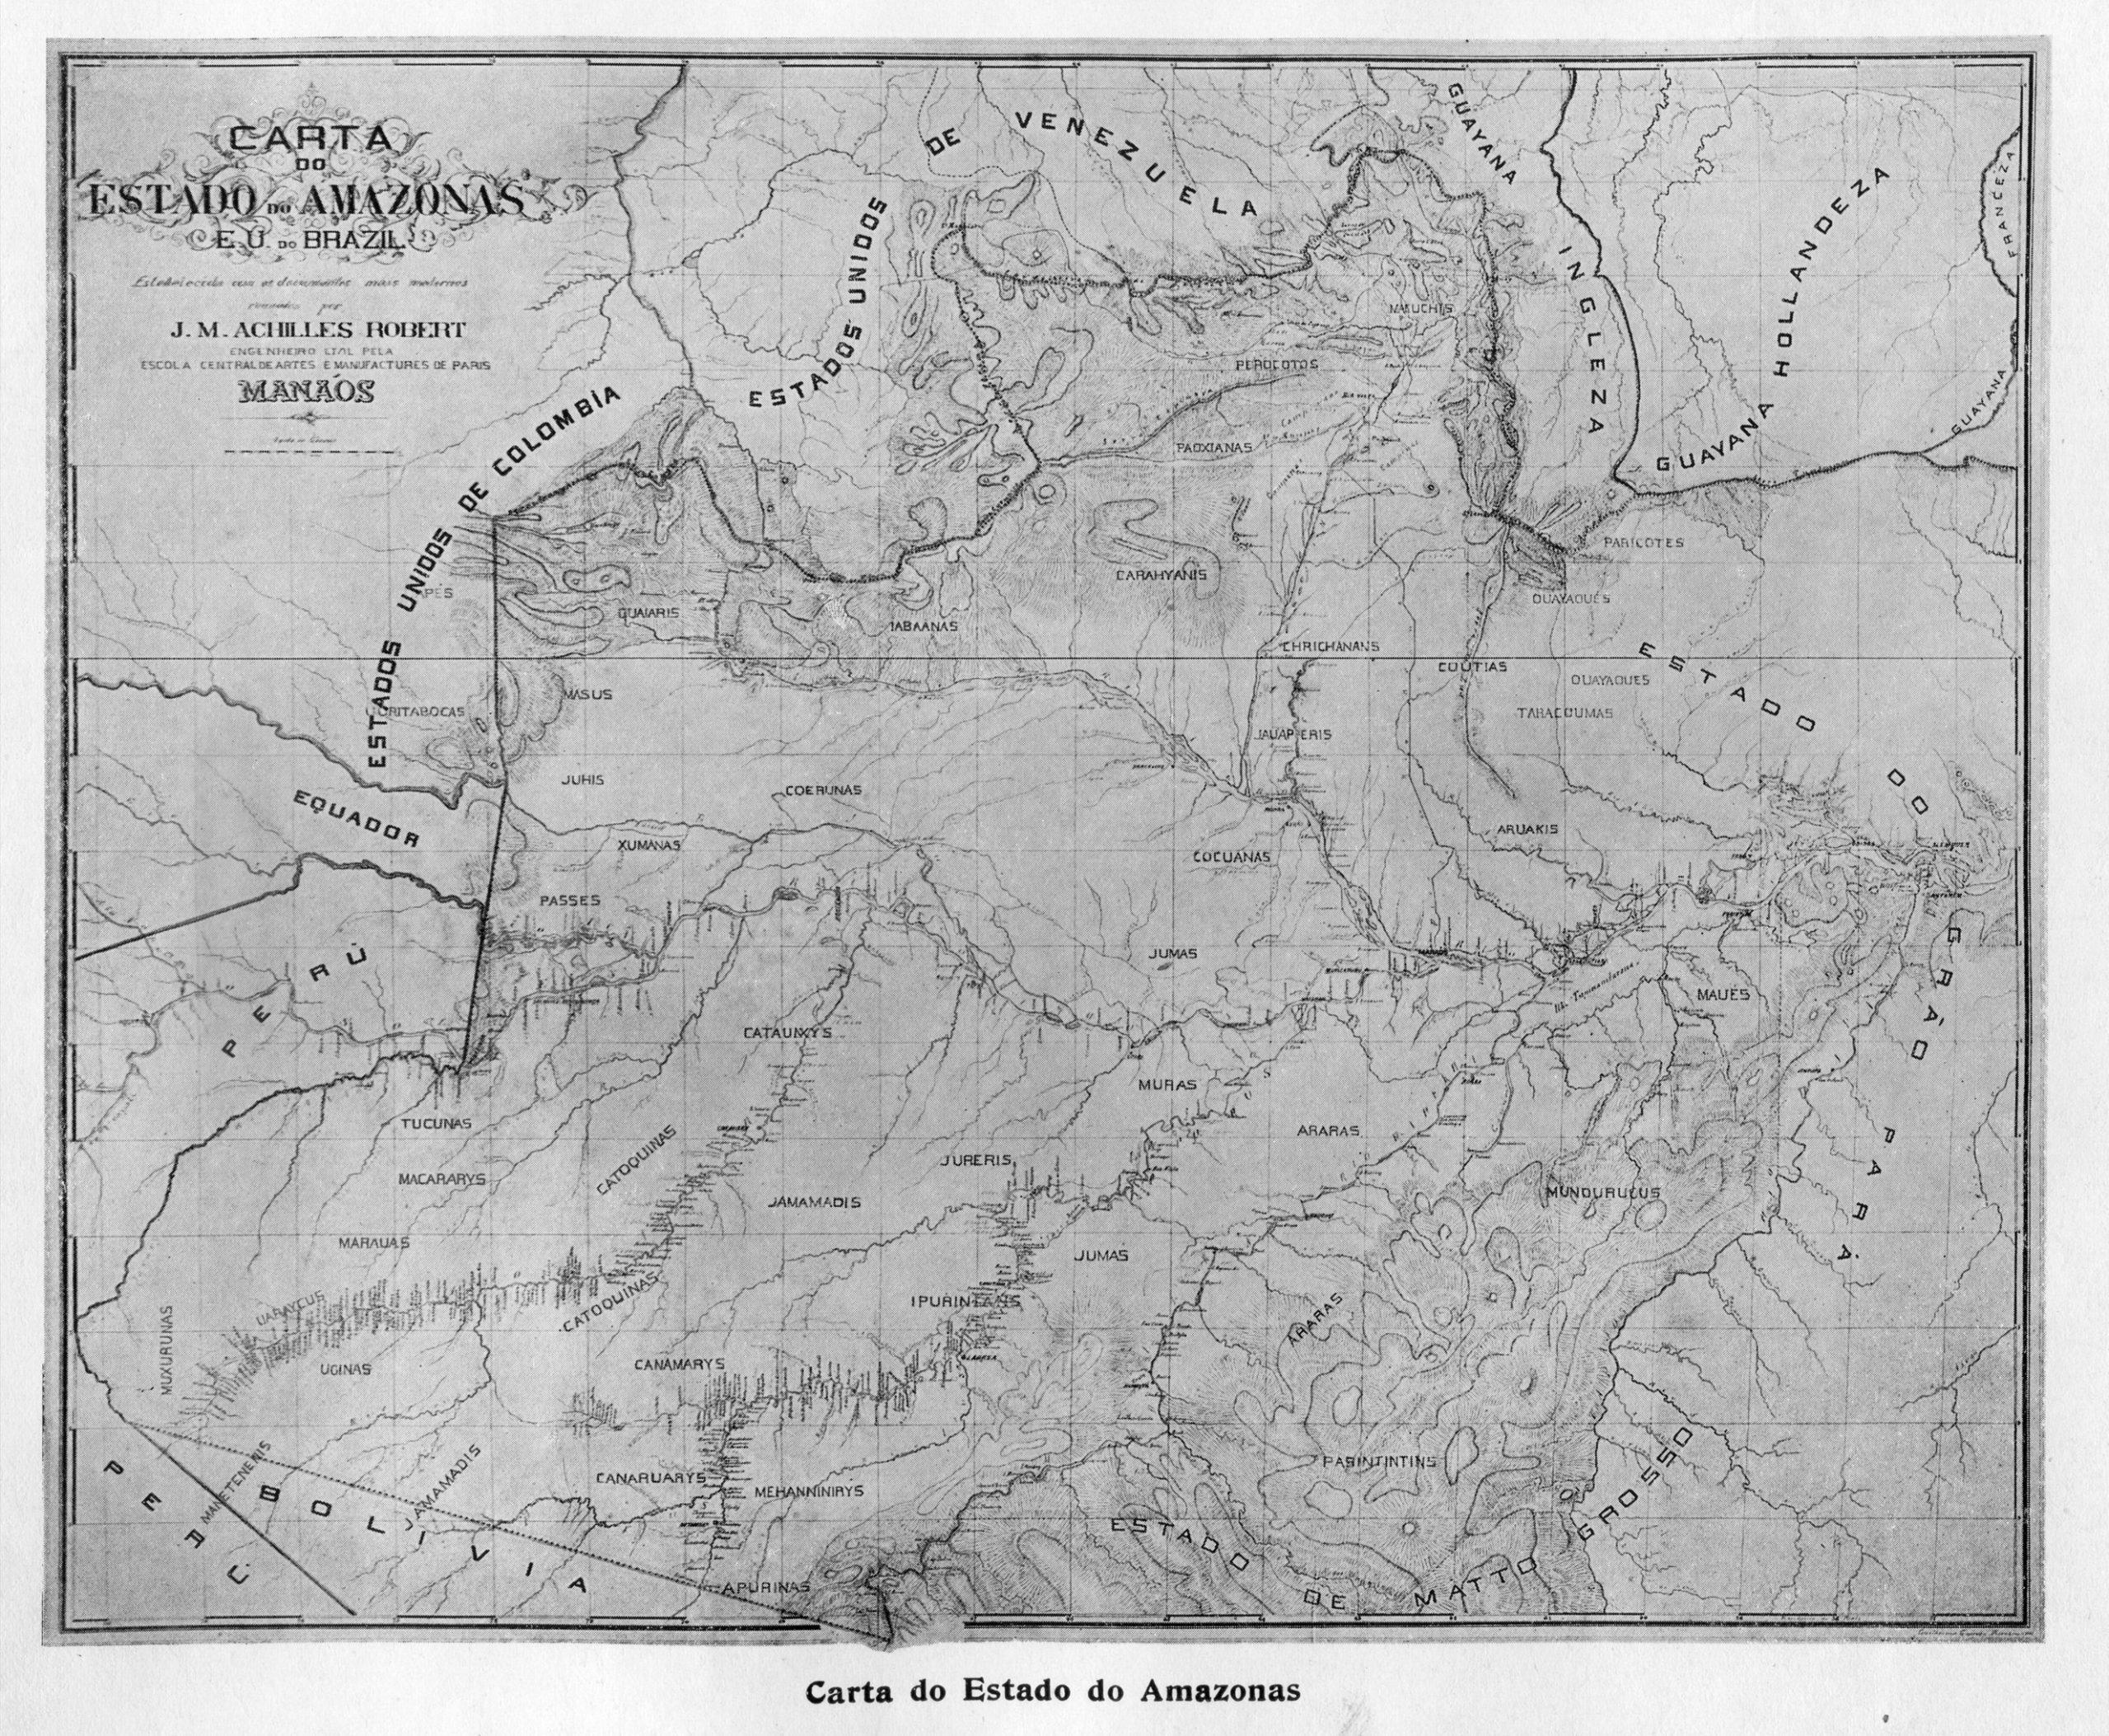 Carta Geográfica do Estado do Amazonas